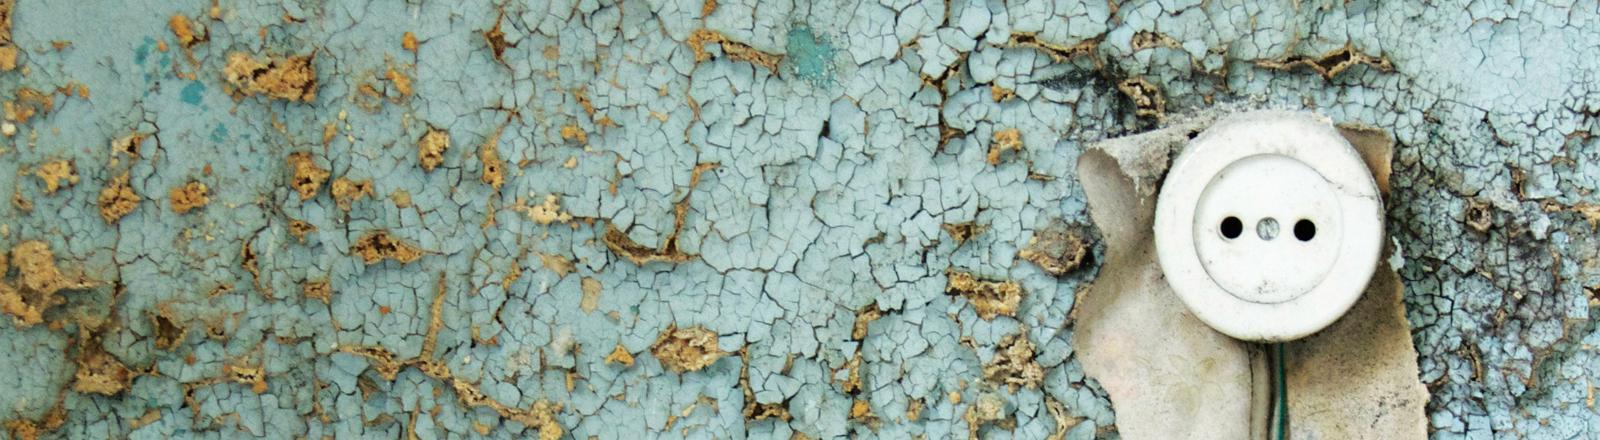 Eine Steckdose. Die hellblaue Farbe blättert überall an der Wand ab.